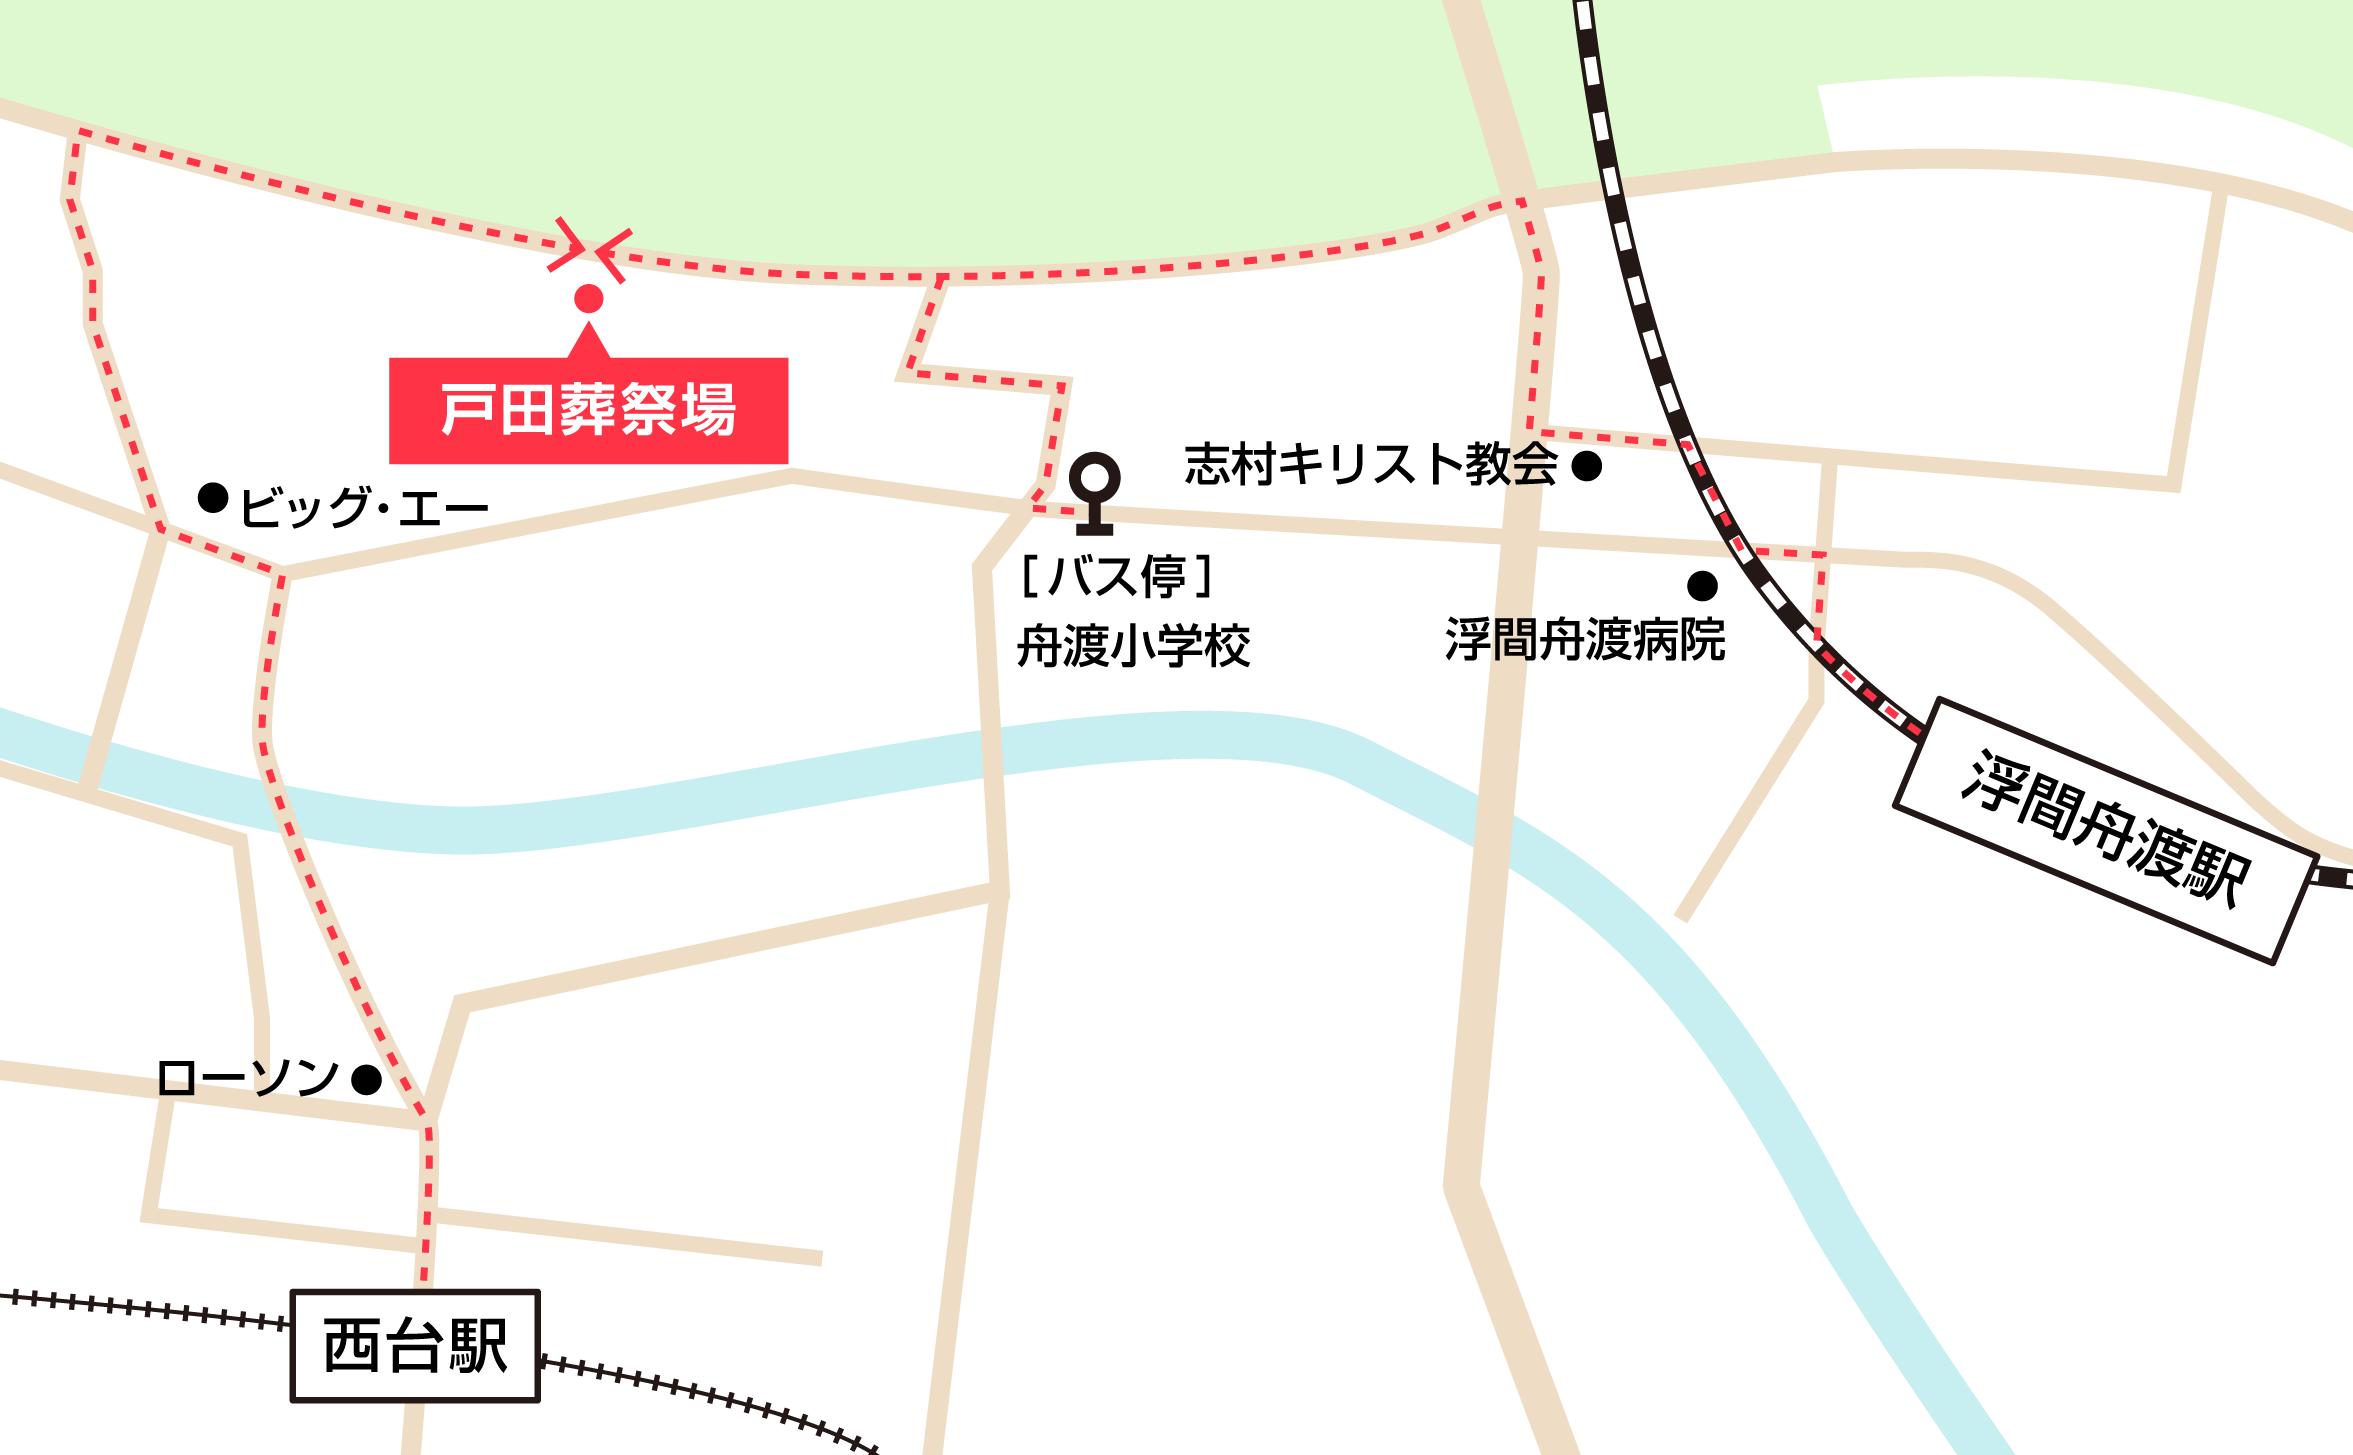 戸田葬祭場への徒歩・バスでの行き方・アクセスを記した地図